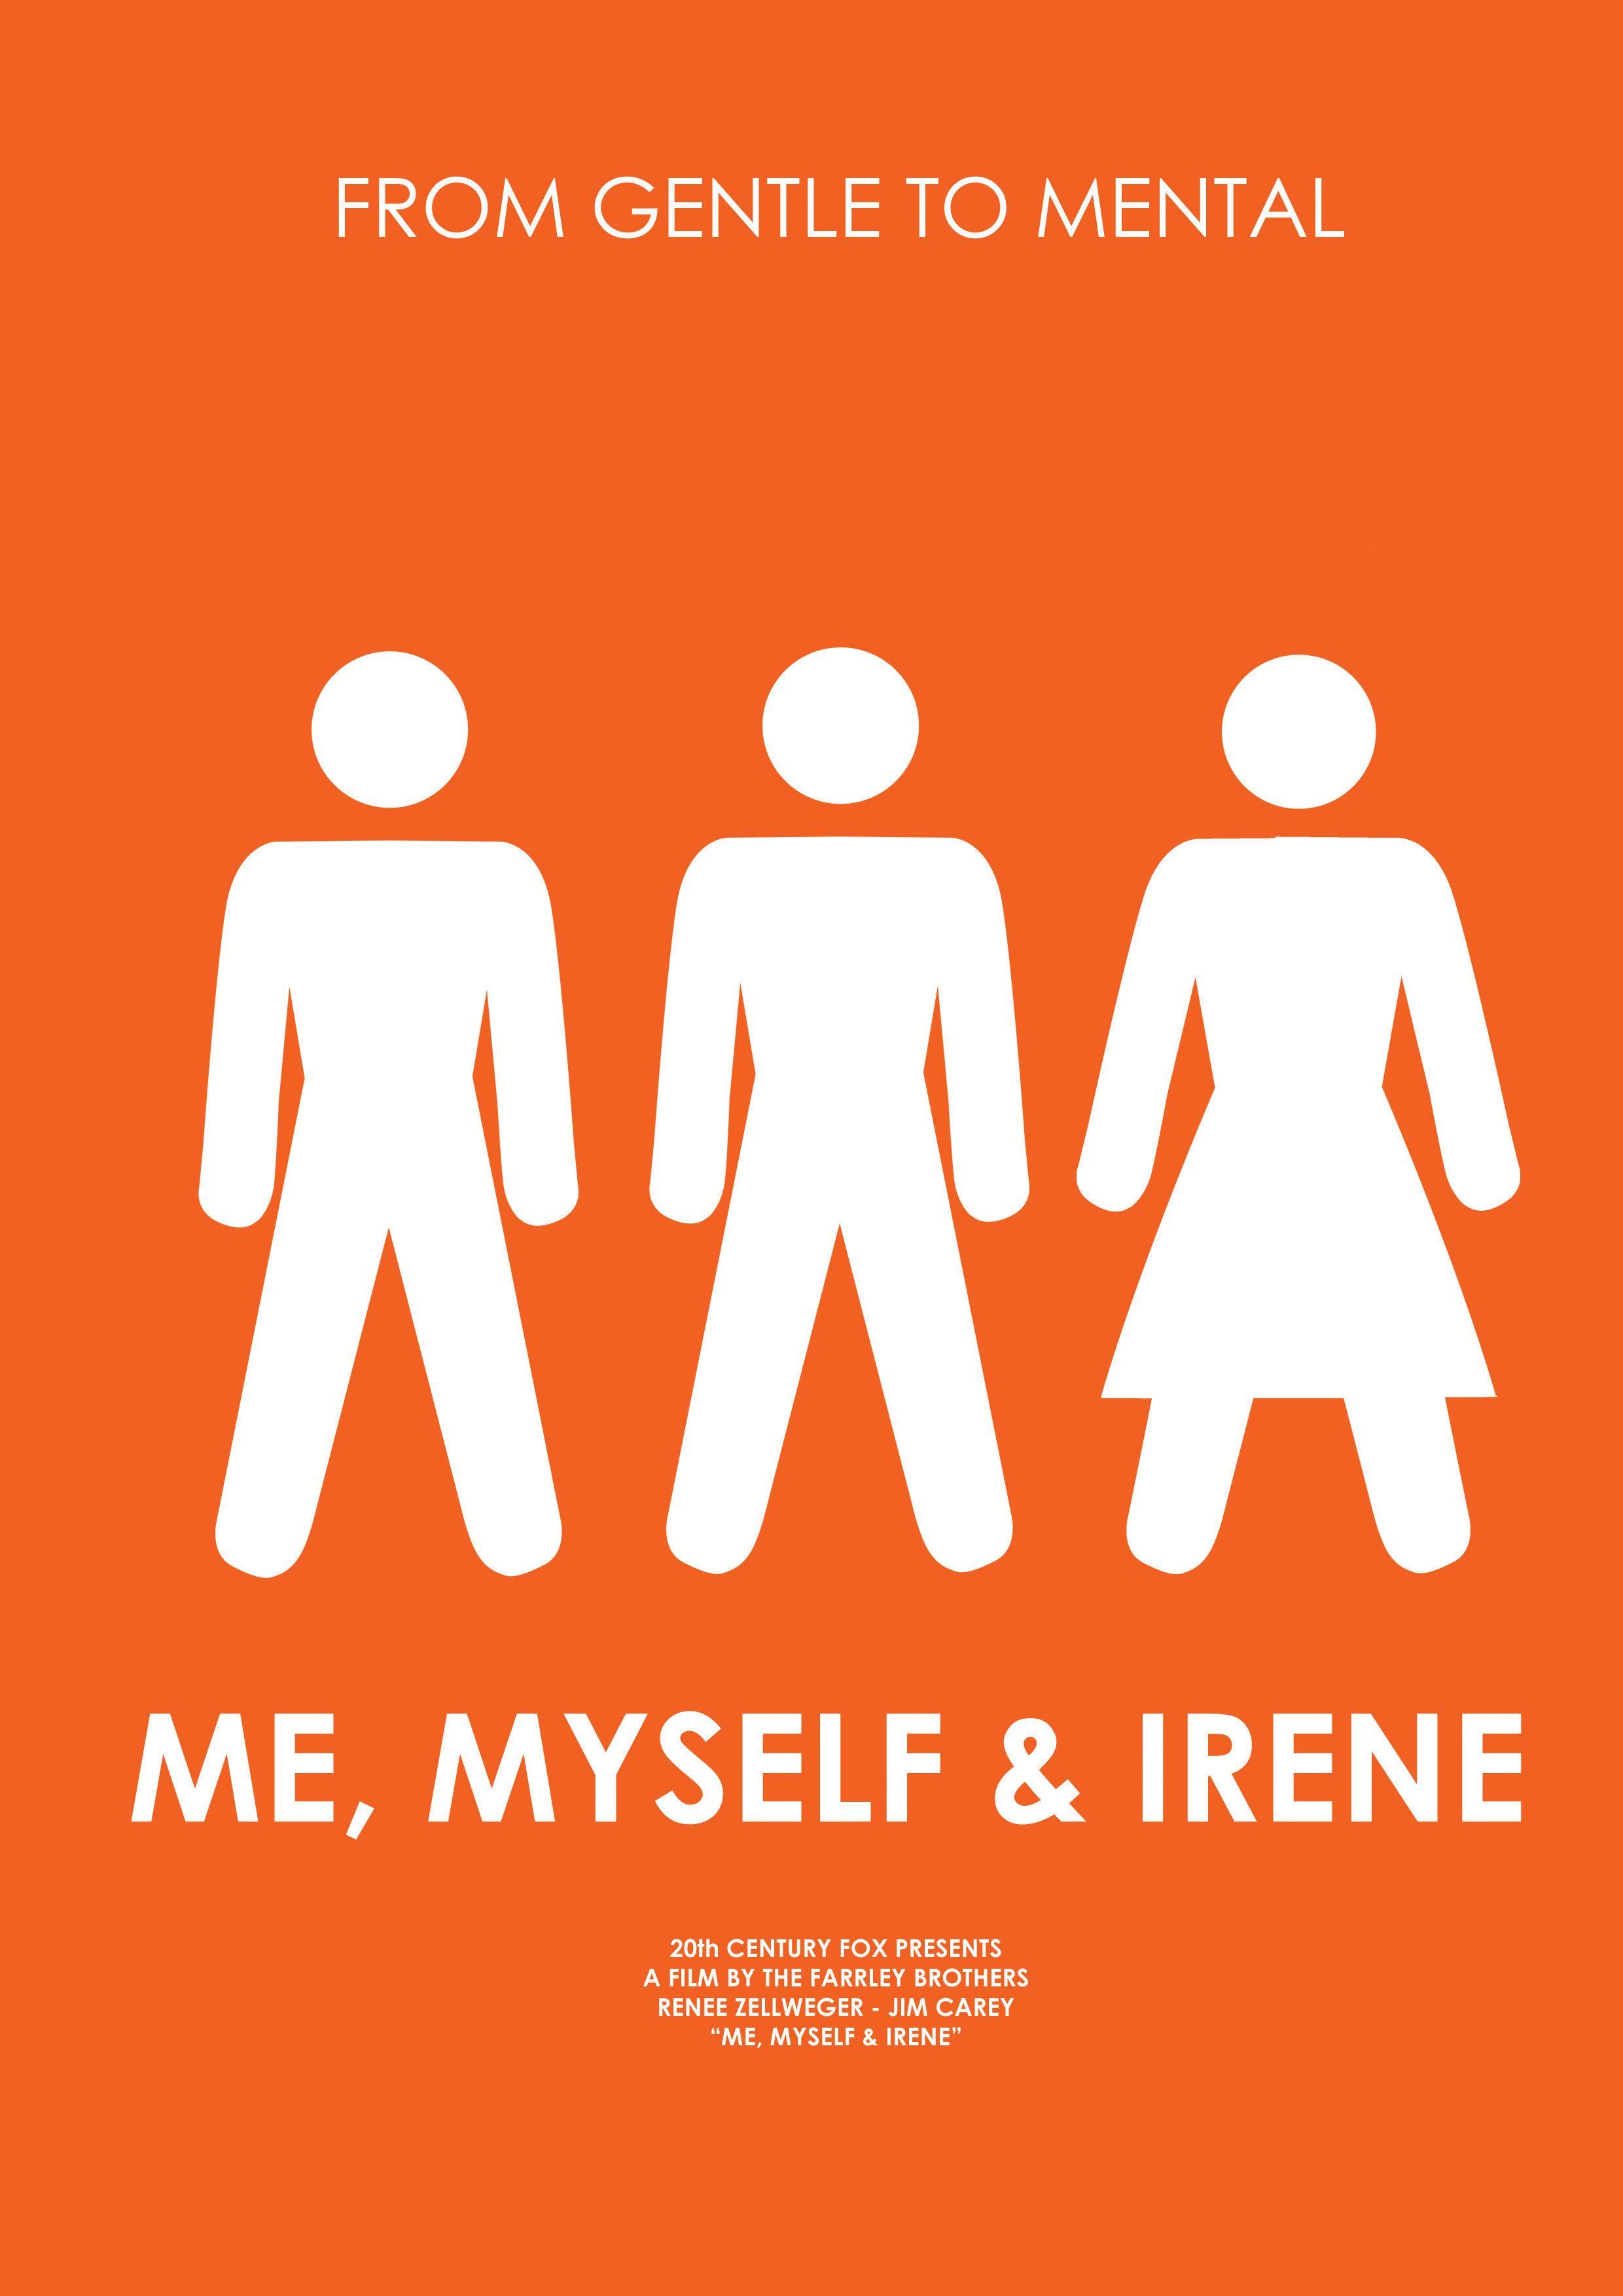 Irene Myself Me Movie Posters Minimalist Alternative Movie Posters Film Posters Minimalist